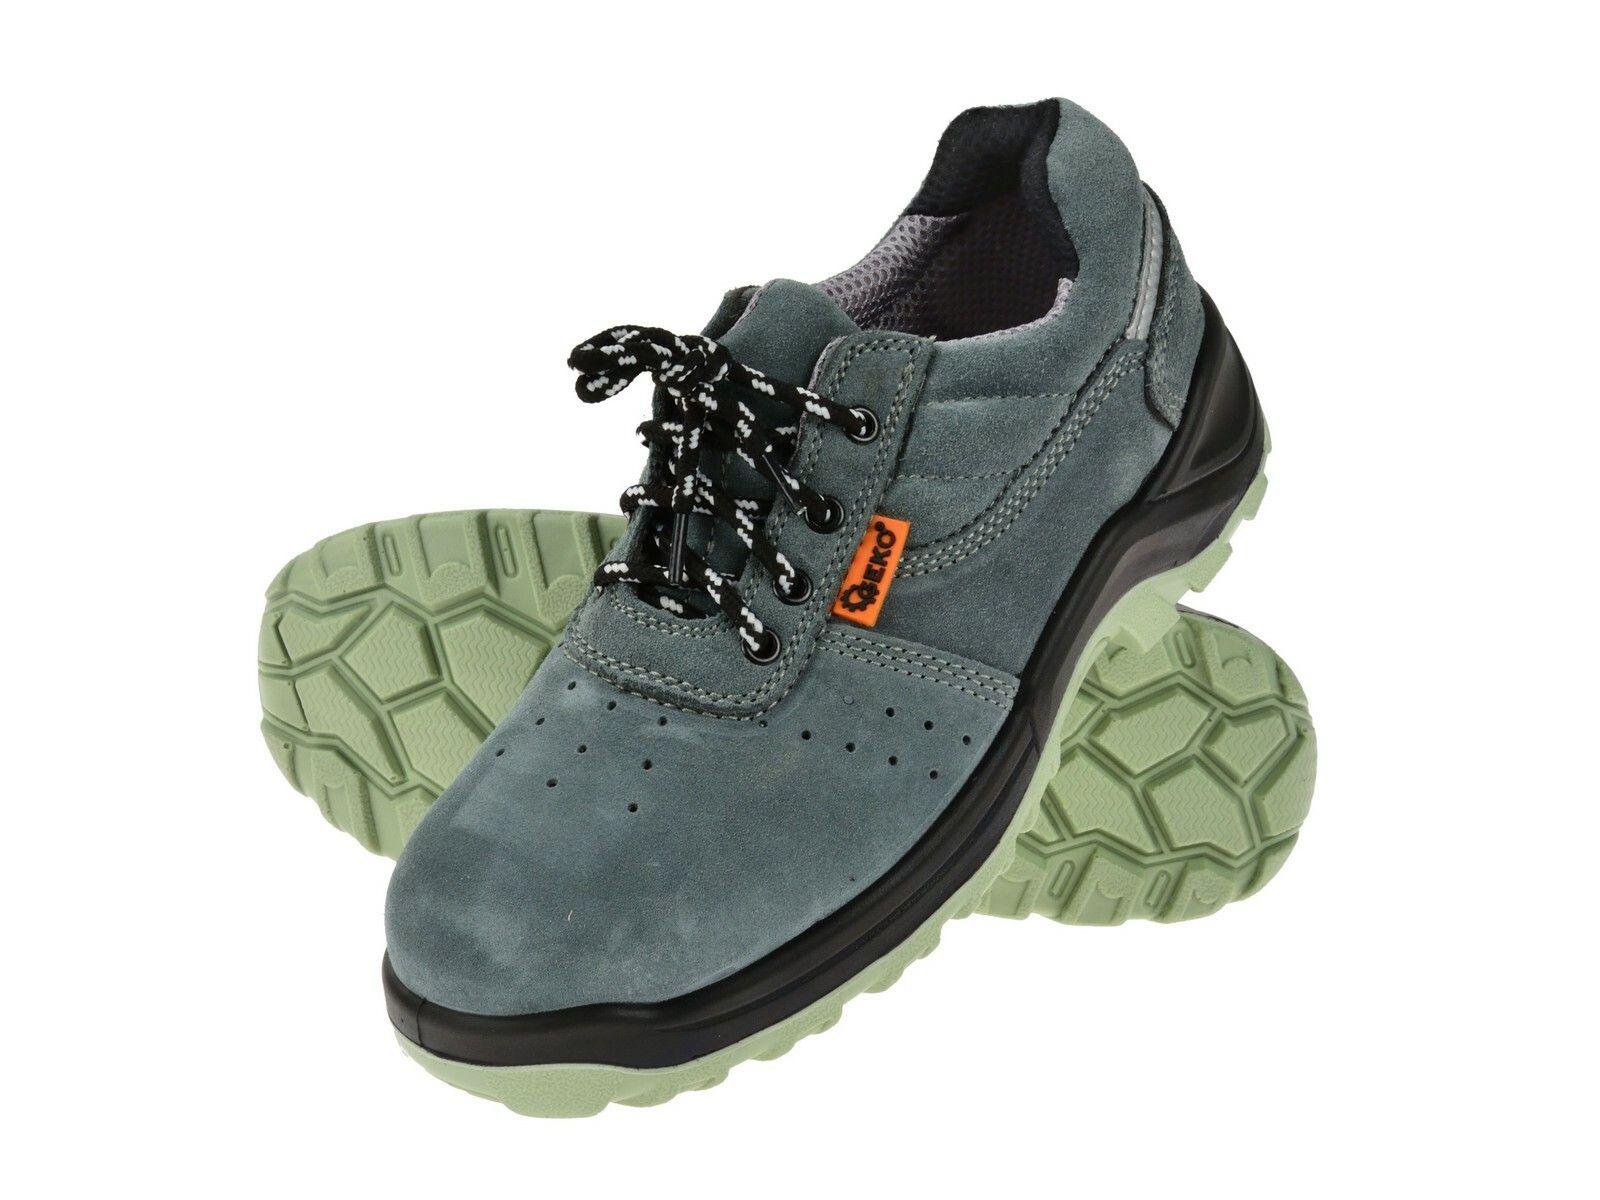 Ochranná pracovní obuv model č. 4 velikost 41 GEKO